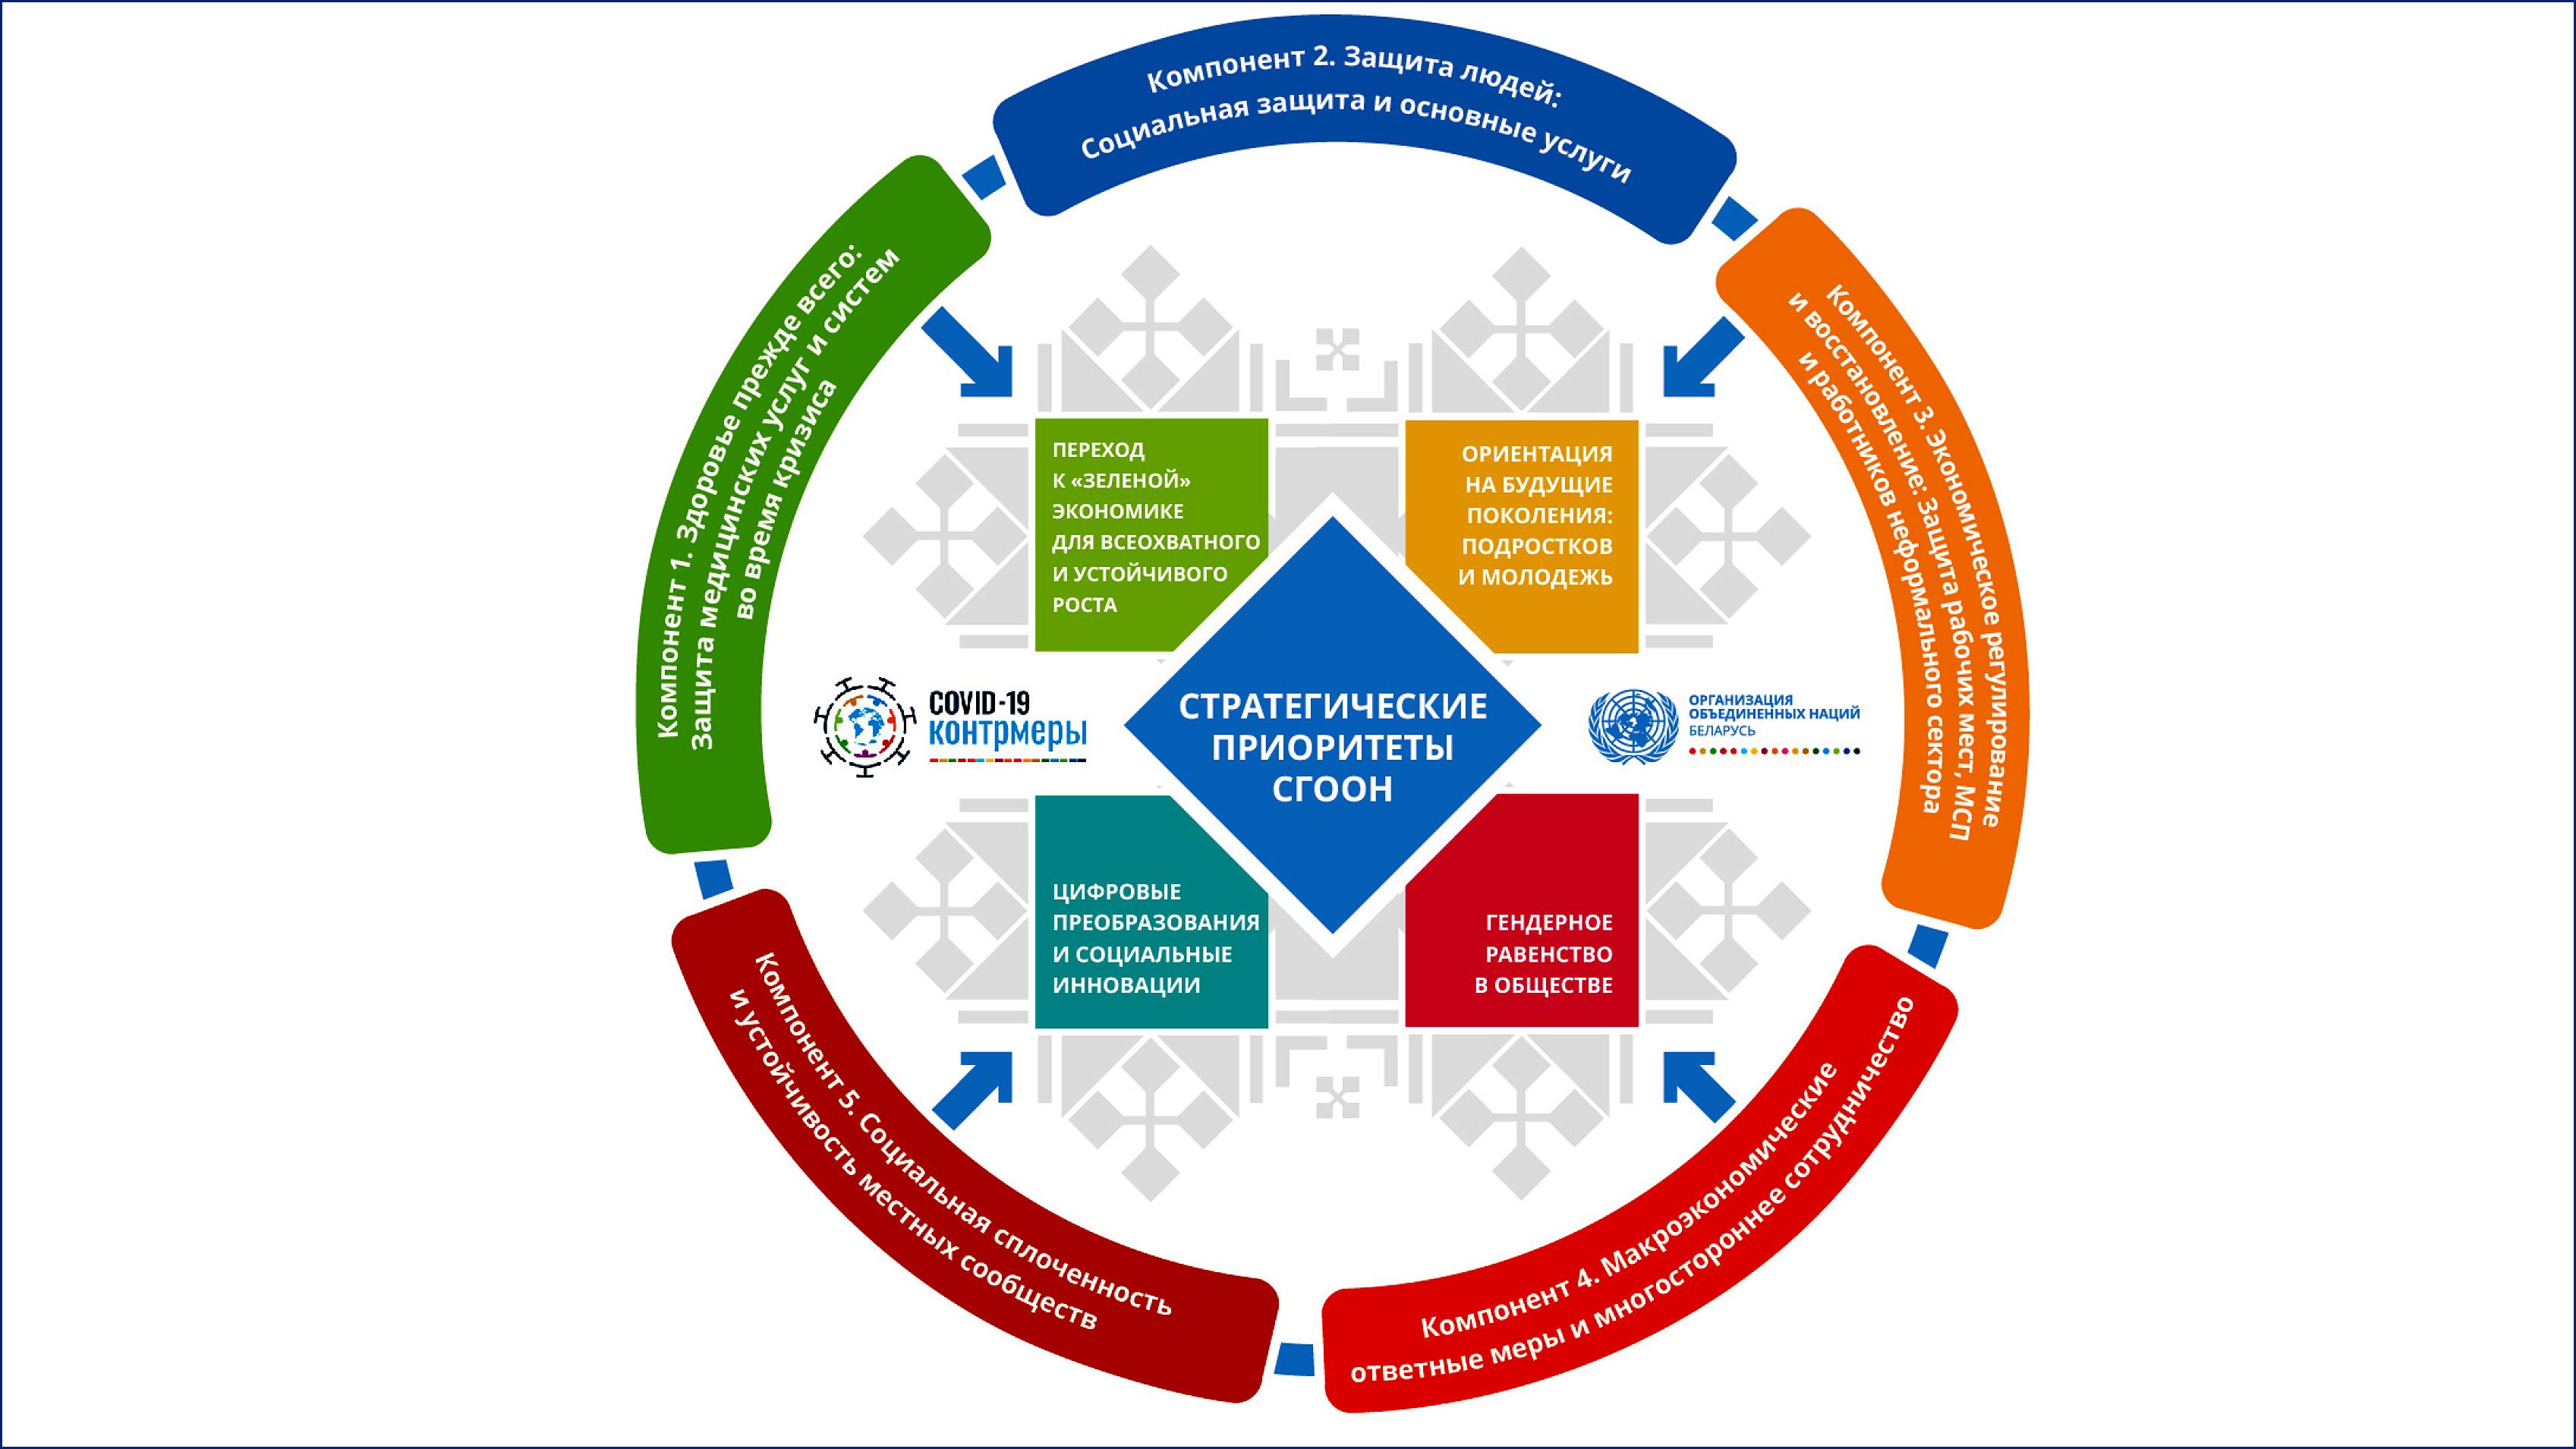 План социально-экономических ответных мер ООН на пандемию COVID-19